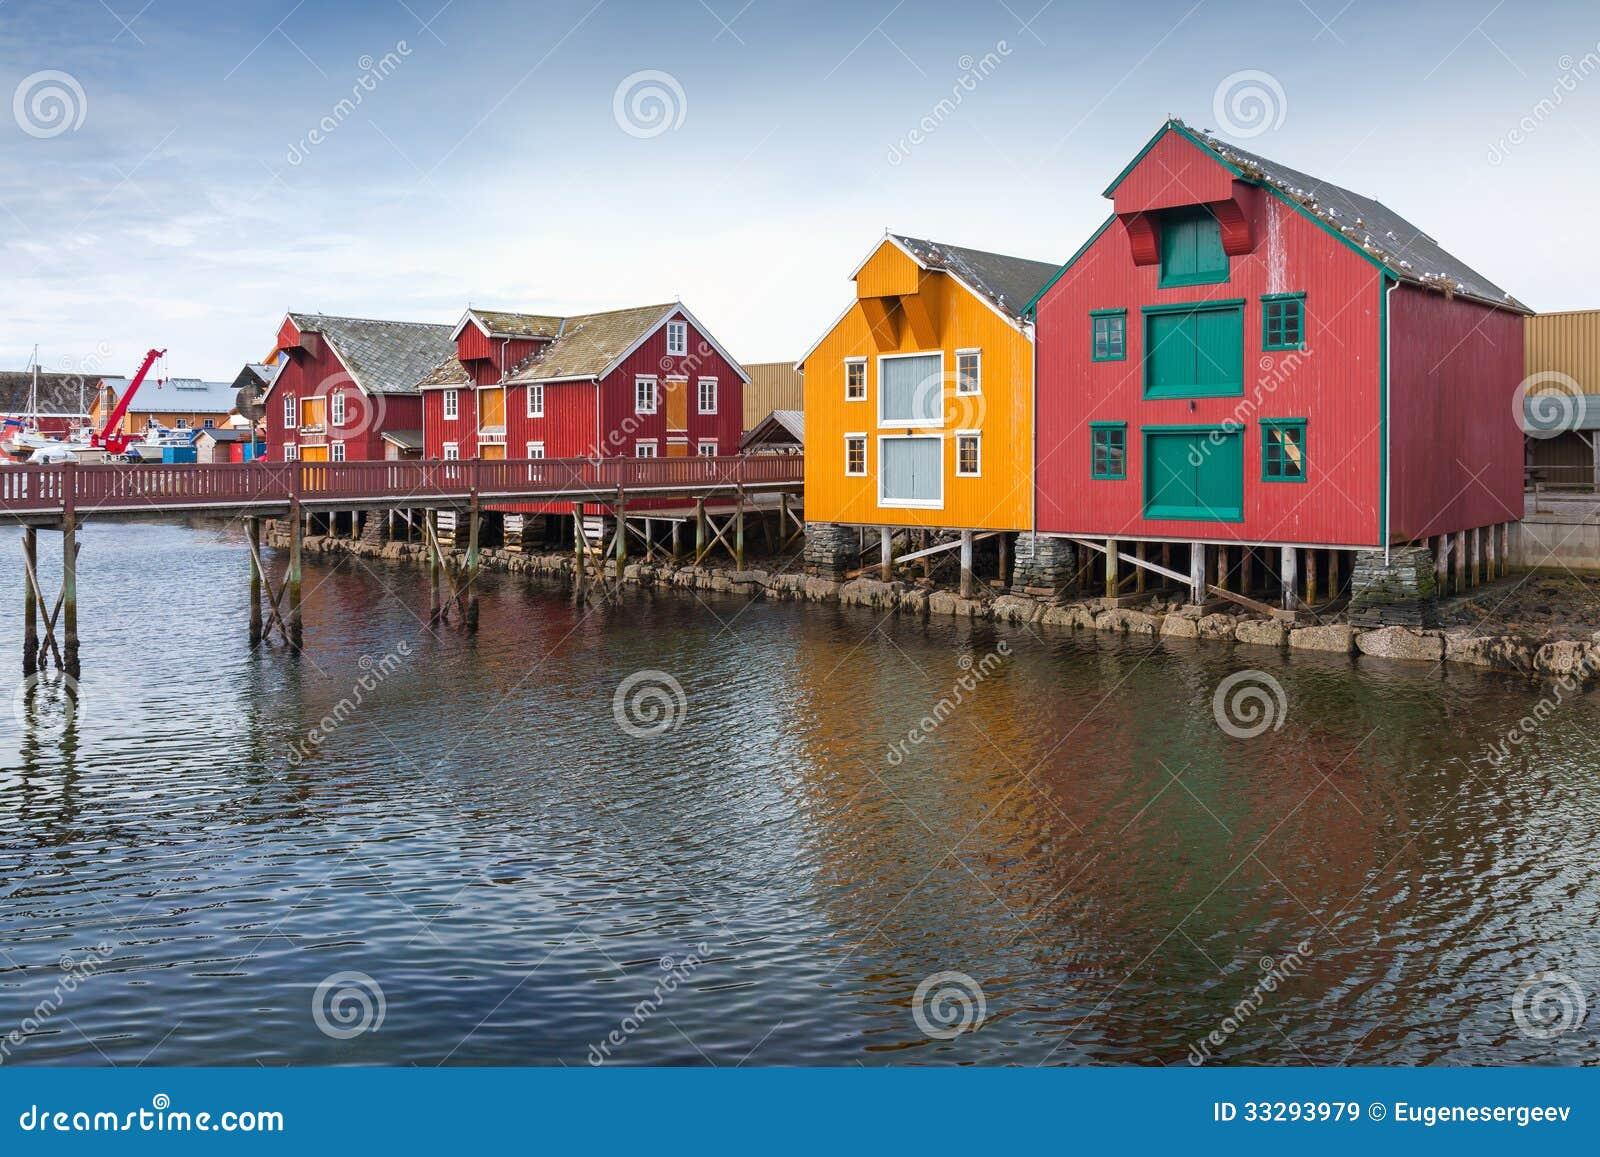 Maisons en bois dans le village norv gien c tier image for Les maisons en bois